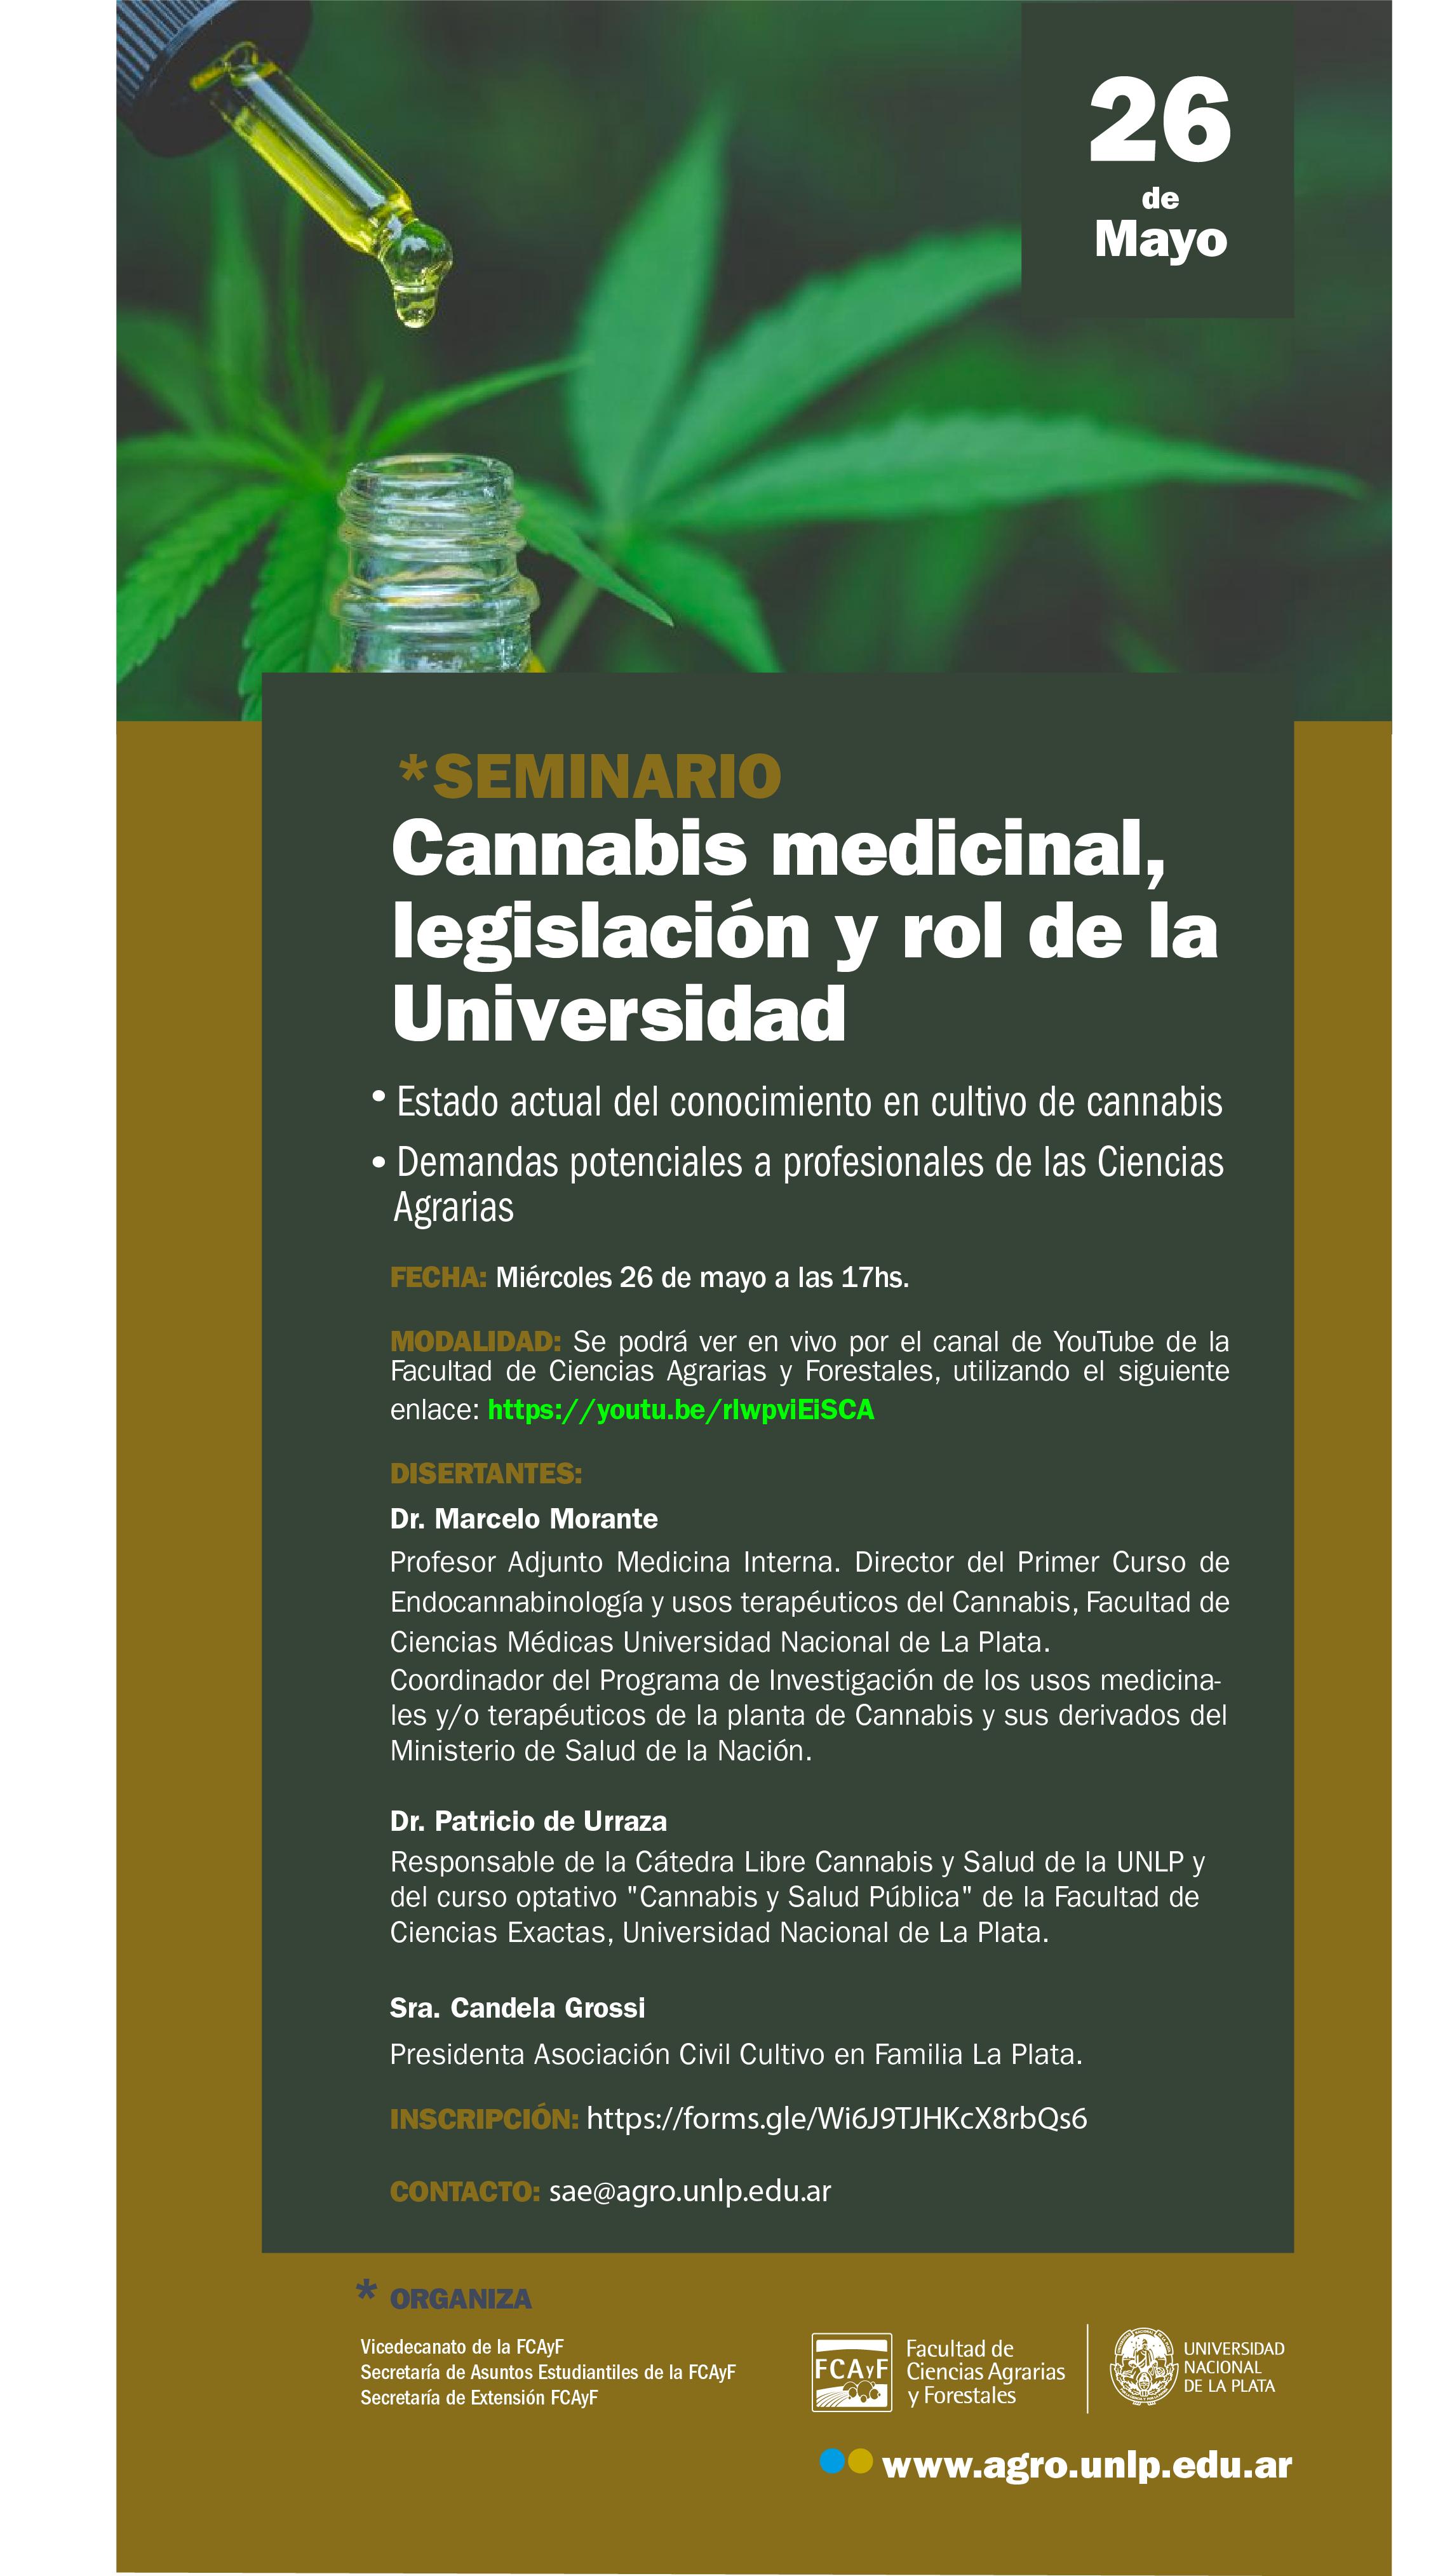 Seminario:  Cannabis medicinal, legislación y rol de la Universidad.